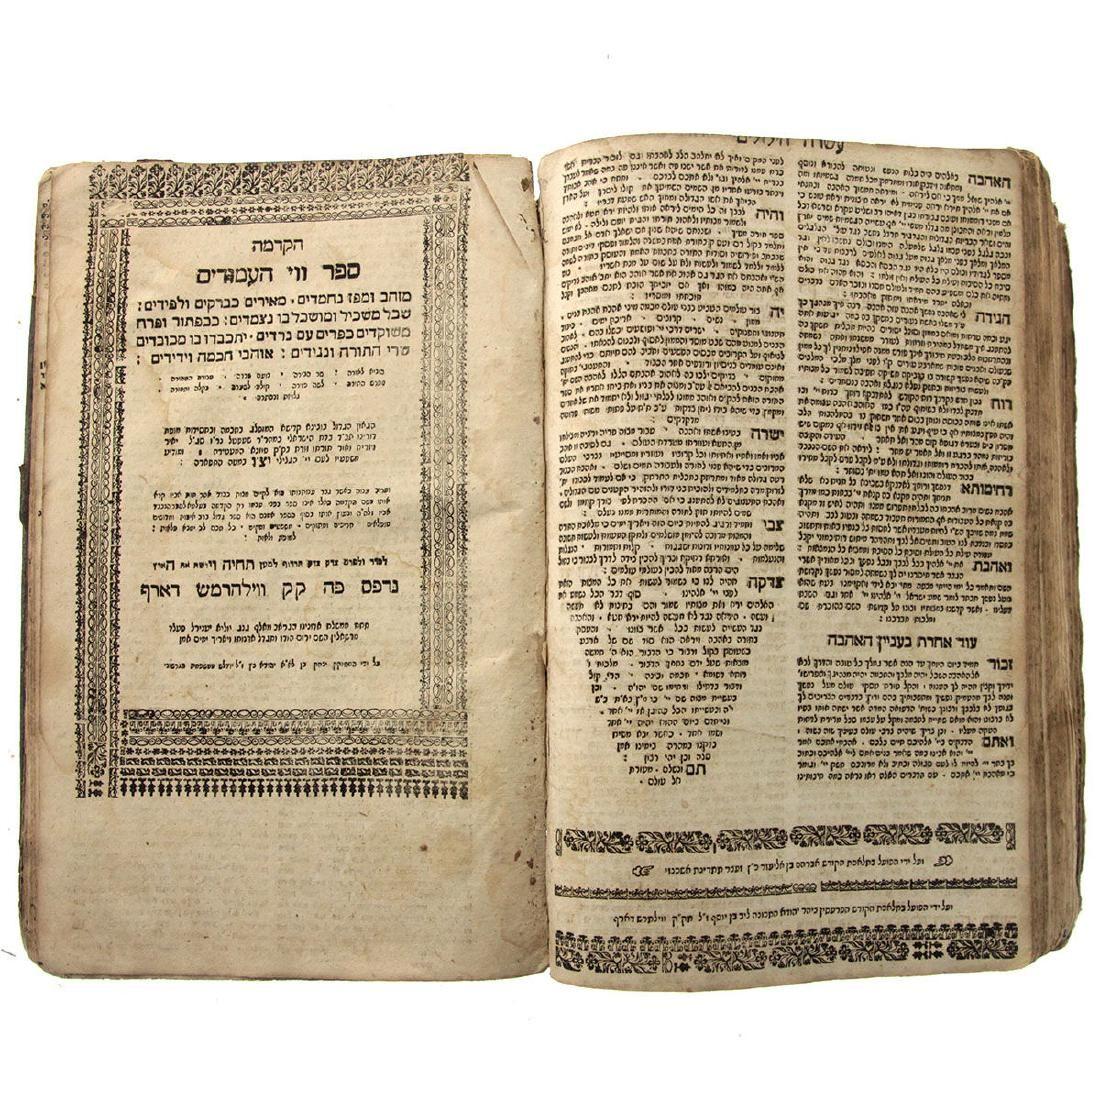 Shnei Luchot Habrit Hebrew Book, Wilhelmsdorf, 1684.